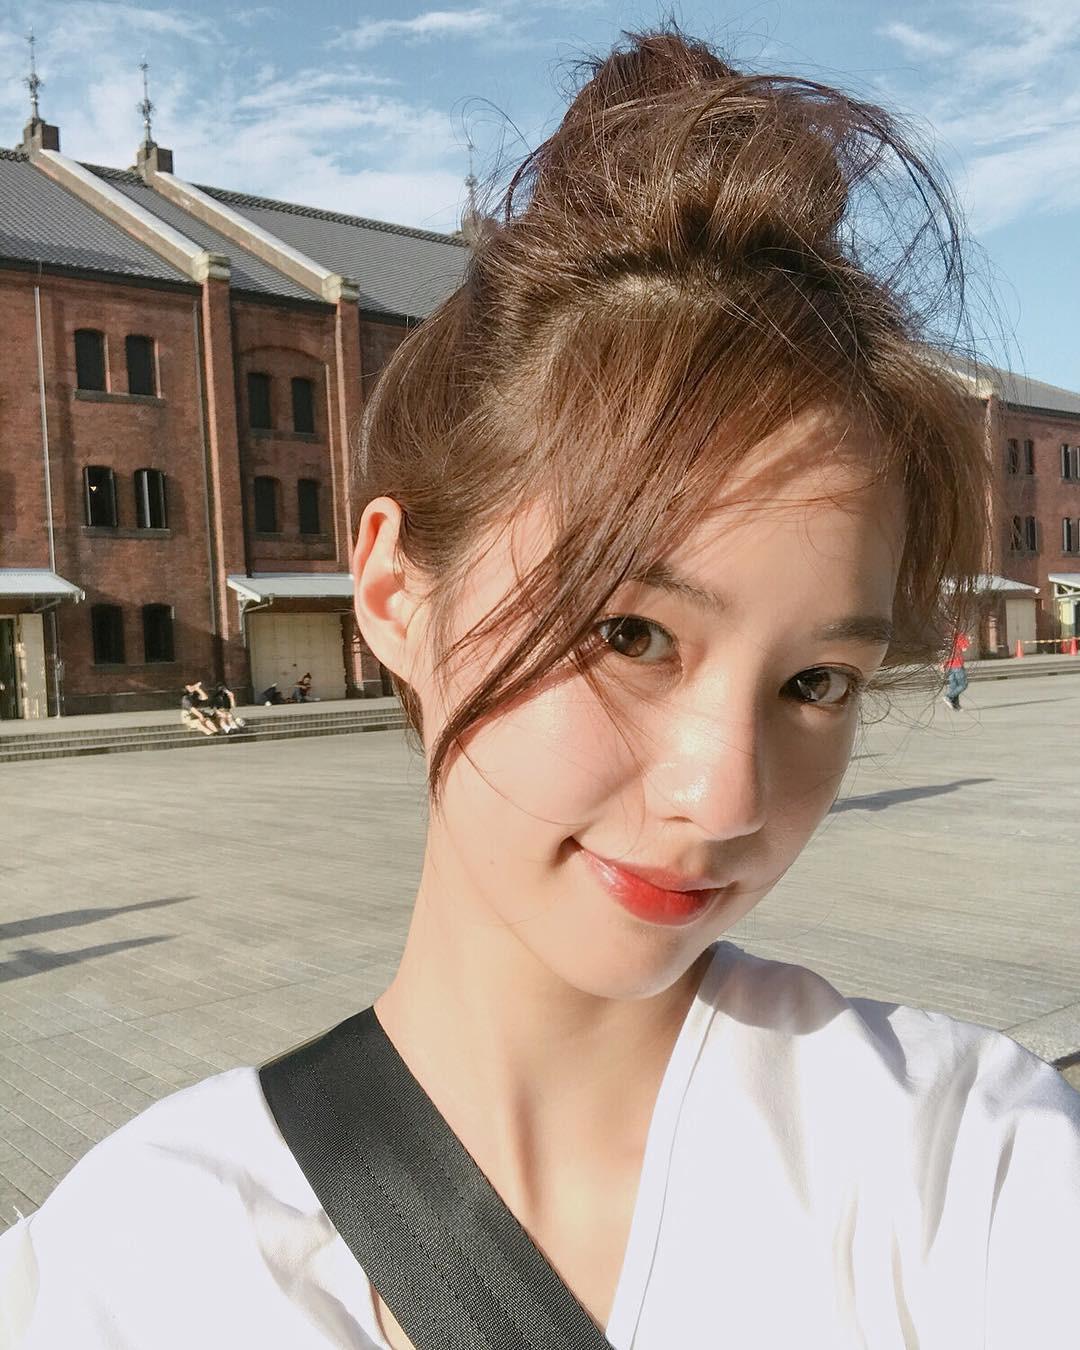 Màu tóc cơ bản đang được sao Hàn để nhiều nhất cũng chính là màu nhuộm hoàn hảo của mùa thu, nàng nào thử cũng sẽ xinh - Ảnh 4.